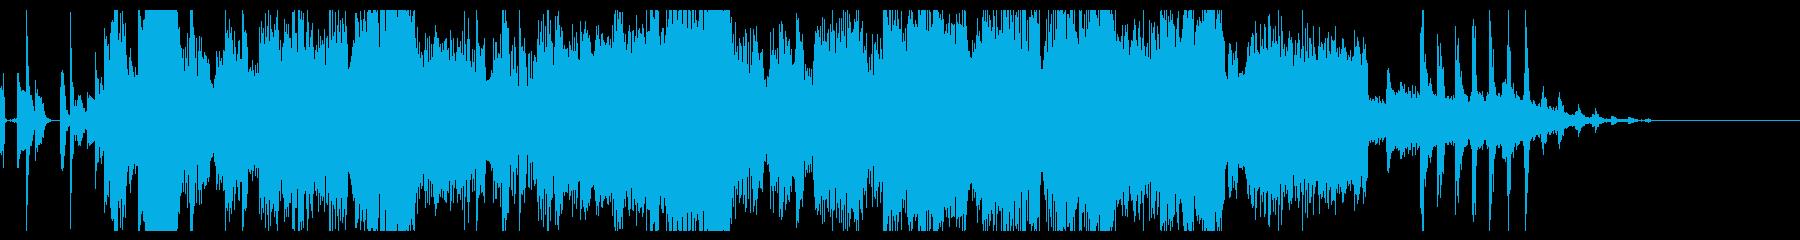 ファンクなグルーヴのボイス付きジングルの再生済みの波形